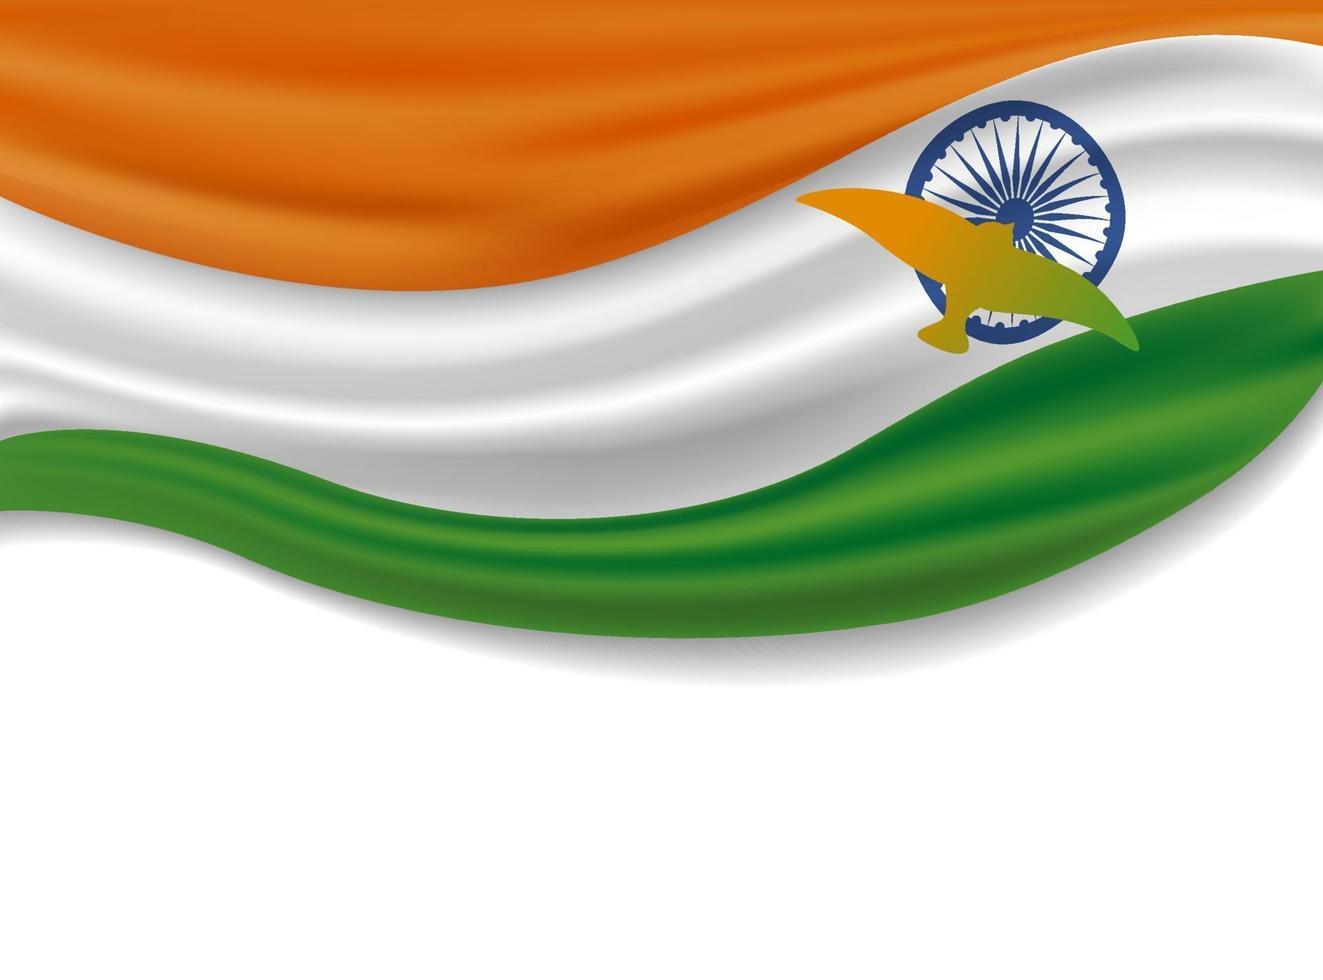 15. August Indien Unabhängigkeitstag Design der indischen Flagge mit Vögeln auf weißem Hintergrund Vektor-Illustration vektor